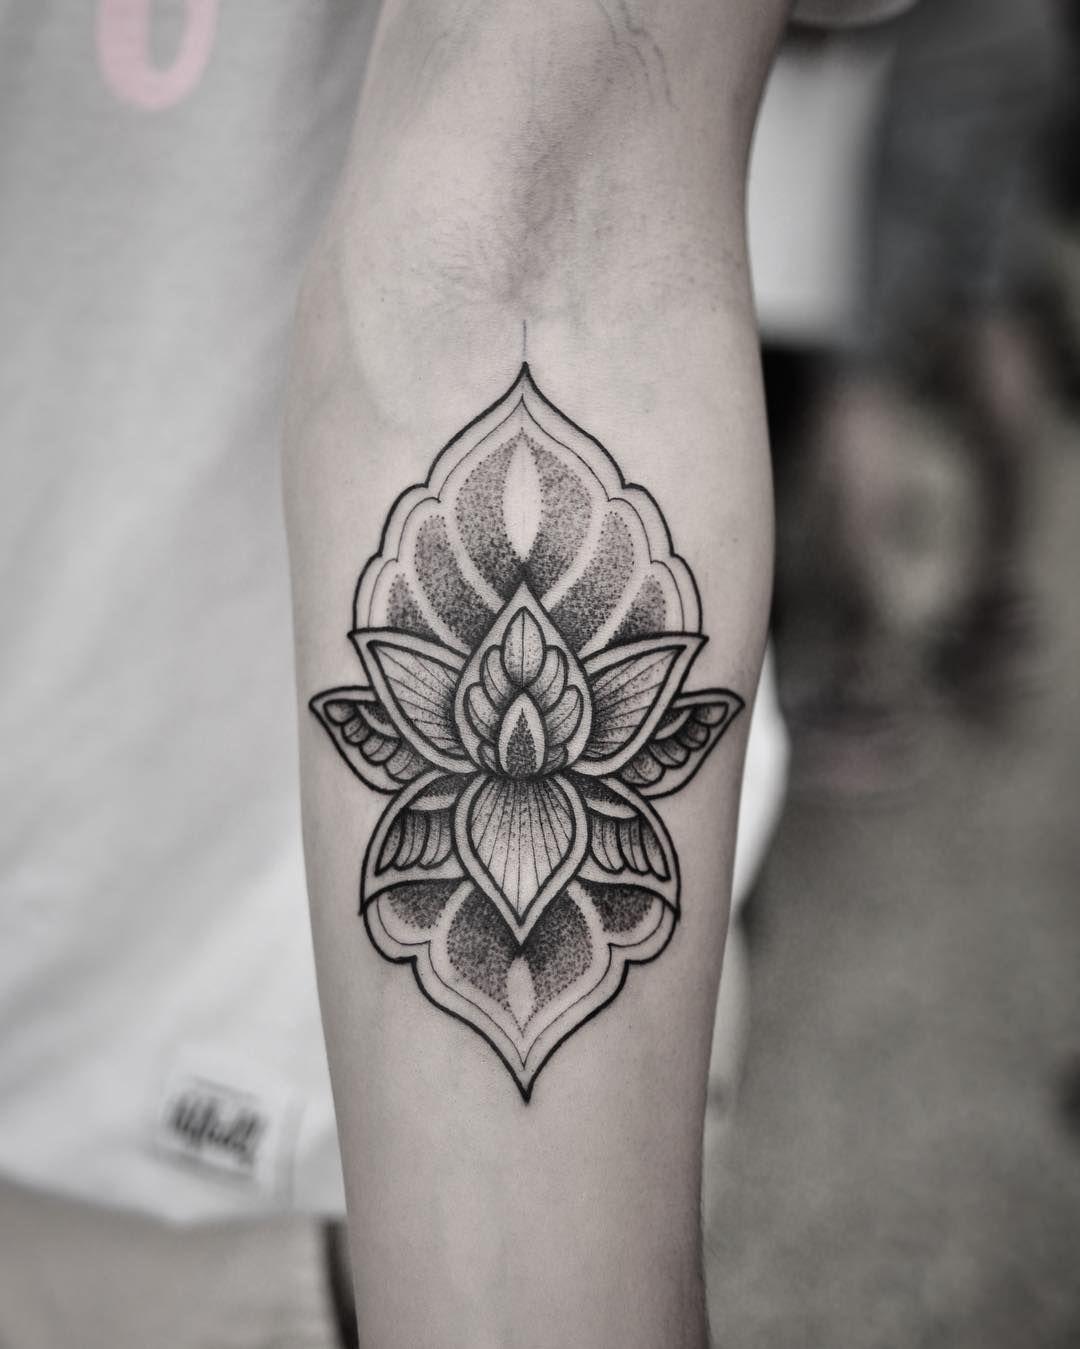 Dotwork lotus tattoo on forearm eye catching tattoos for guys dotwork lotus tattoo on forearm izmirmasajfo